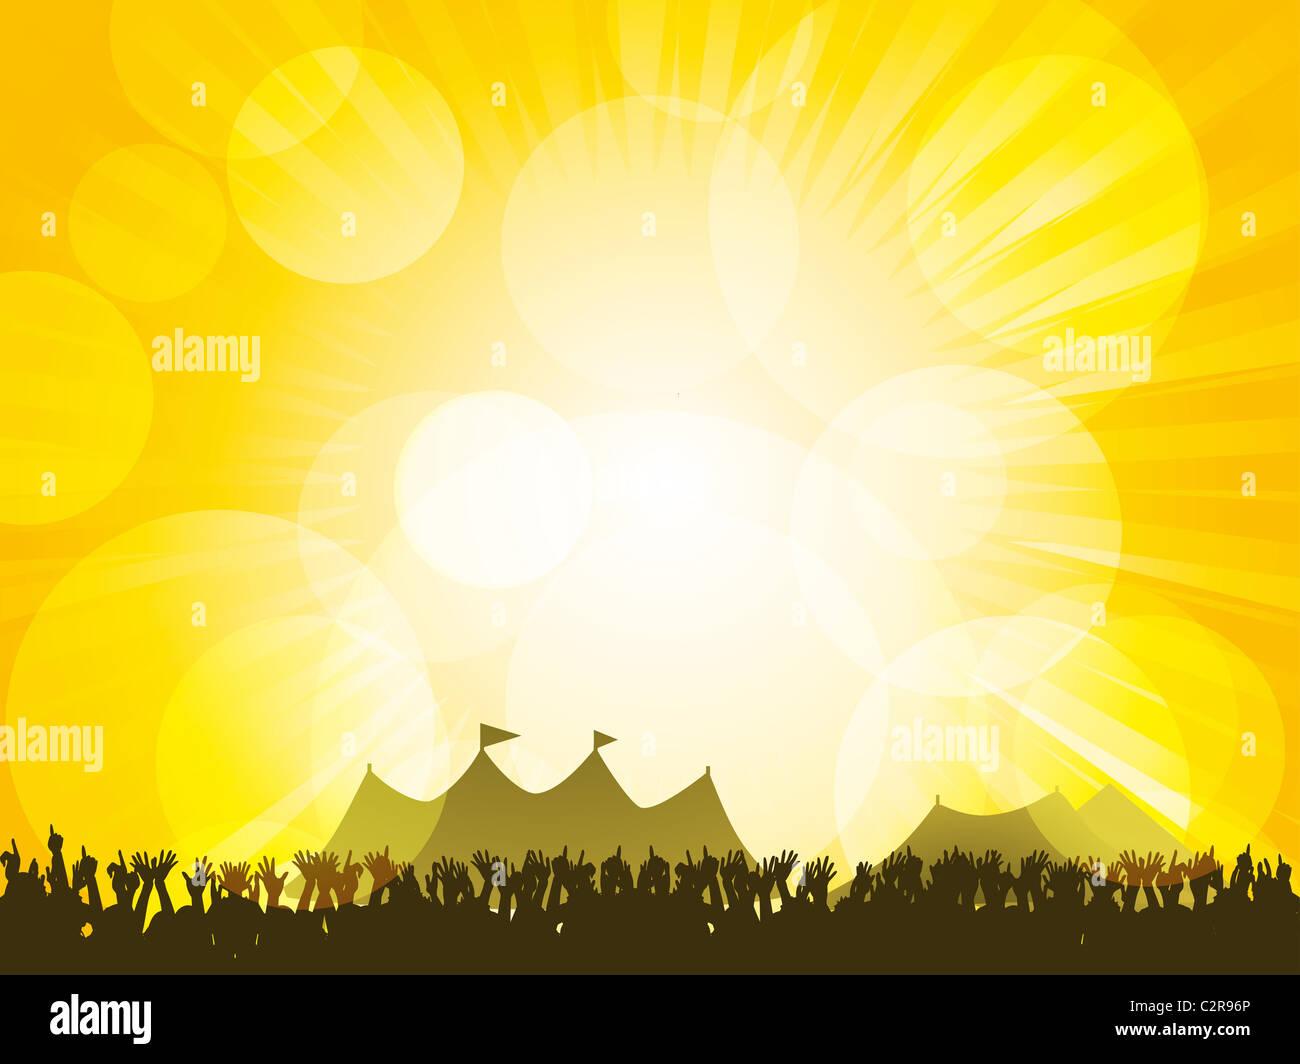 Multitud de fiesta delante del festival carpas con un resplandeciente cielo amarillo Imagen De Stock